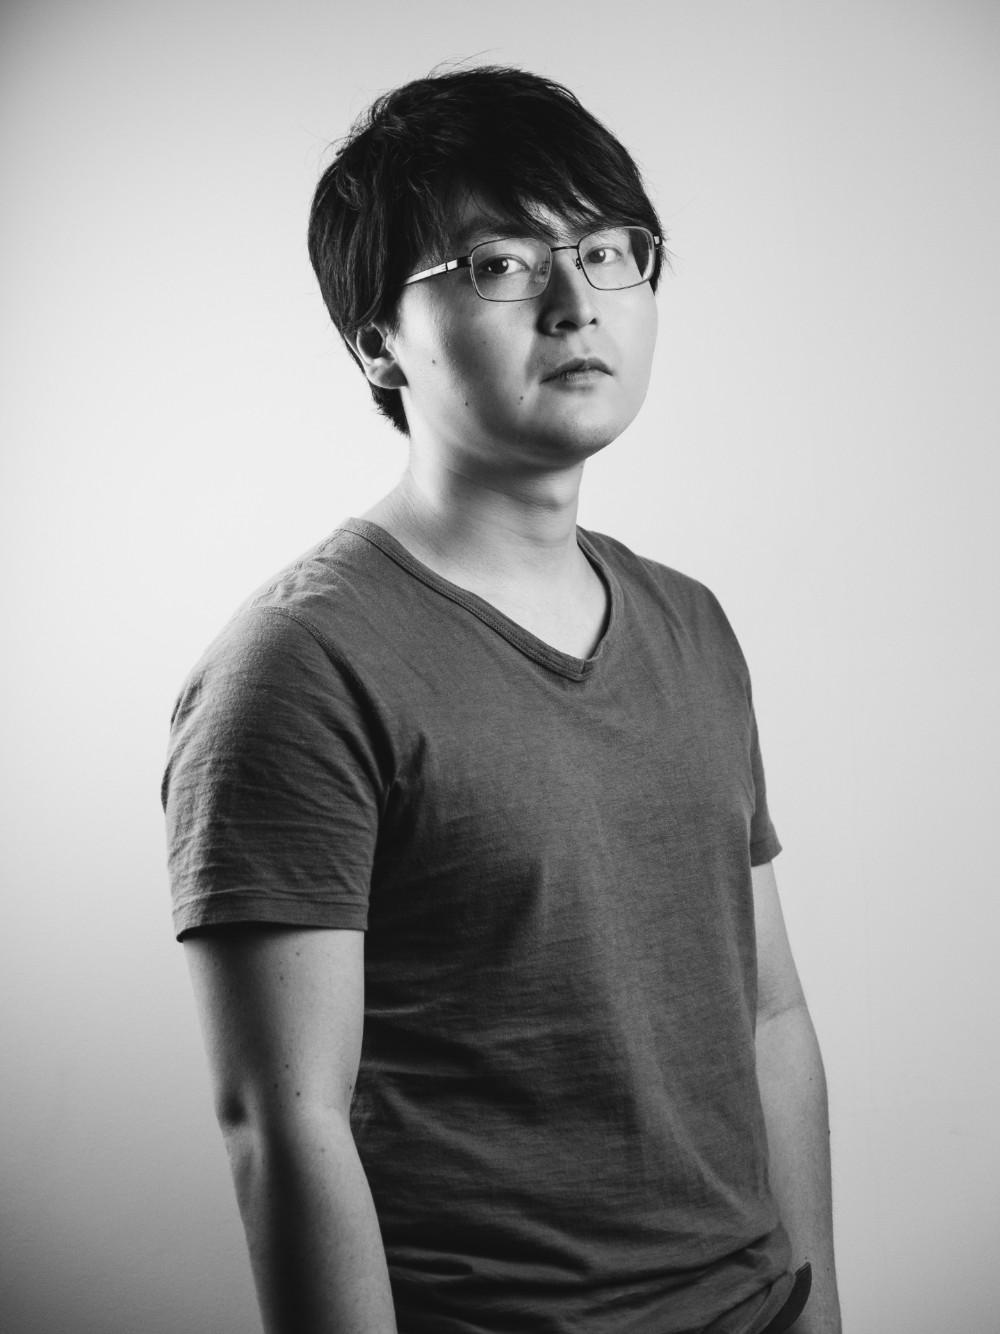 Takahiro Ota